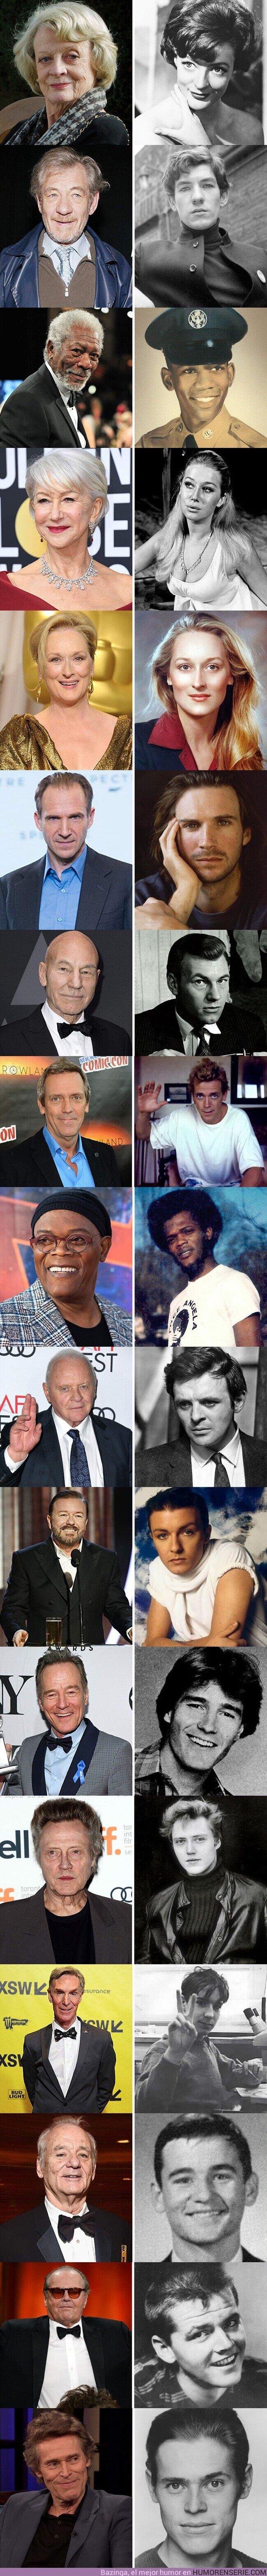 47308 - 17 actores que nunca has visto cuando eran jóvenes